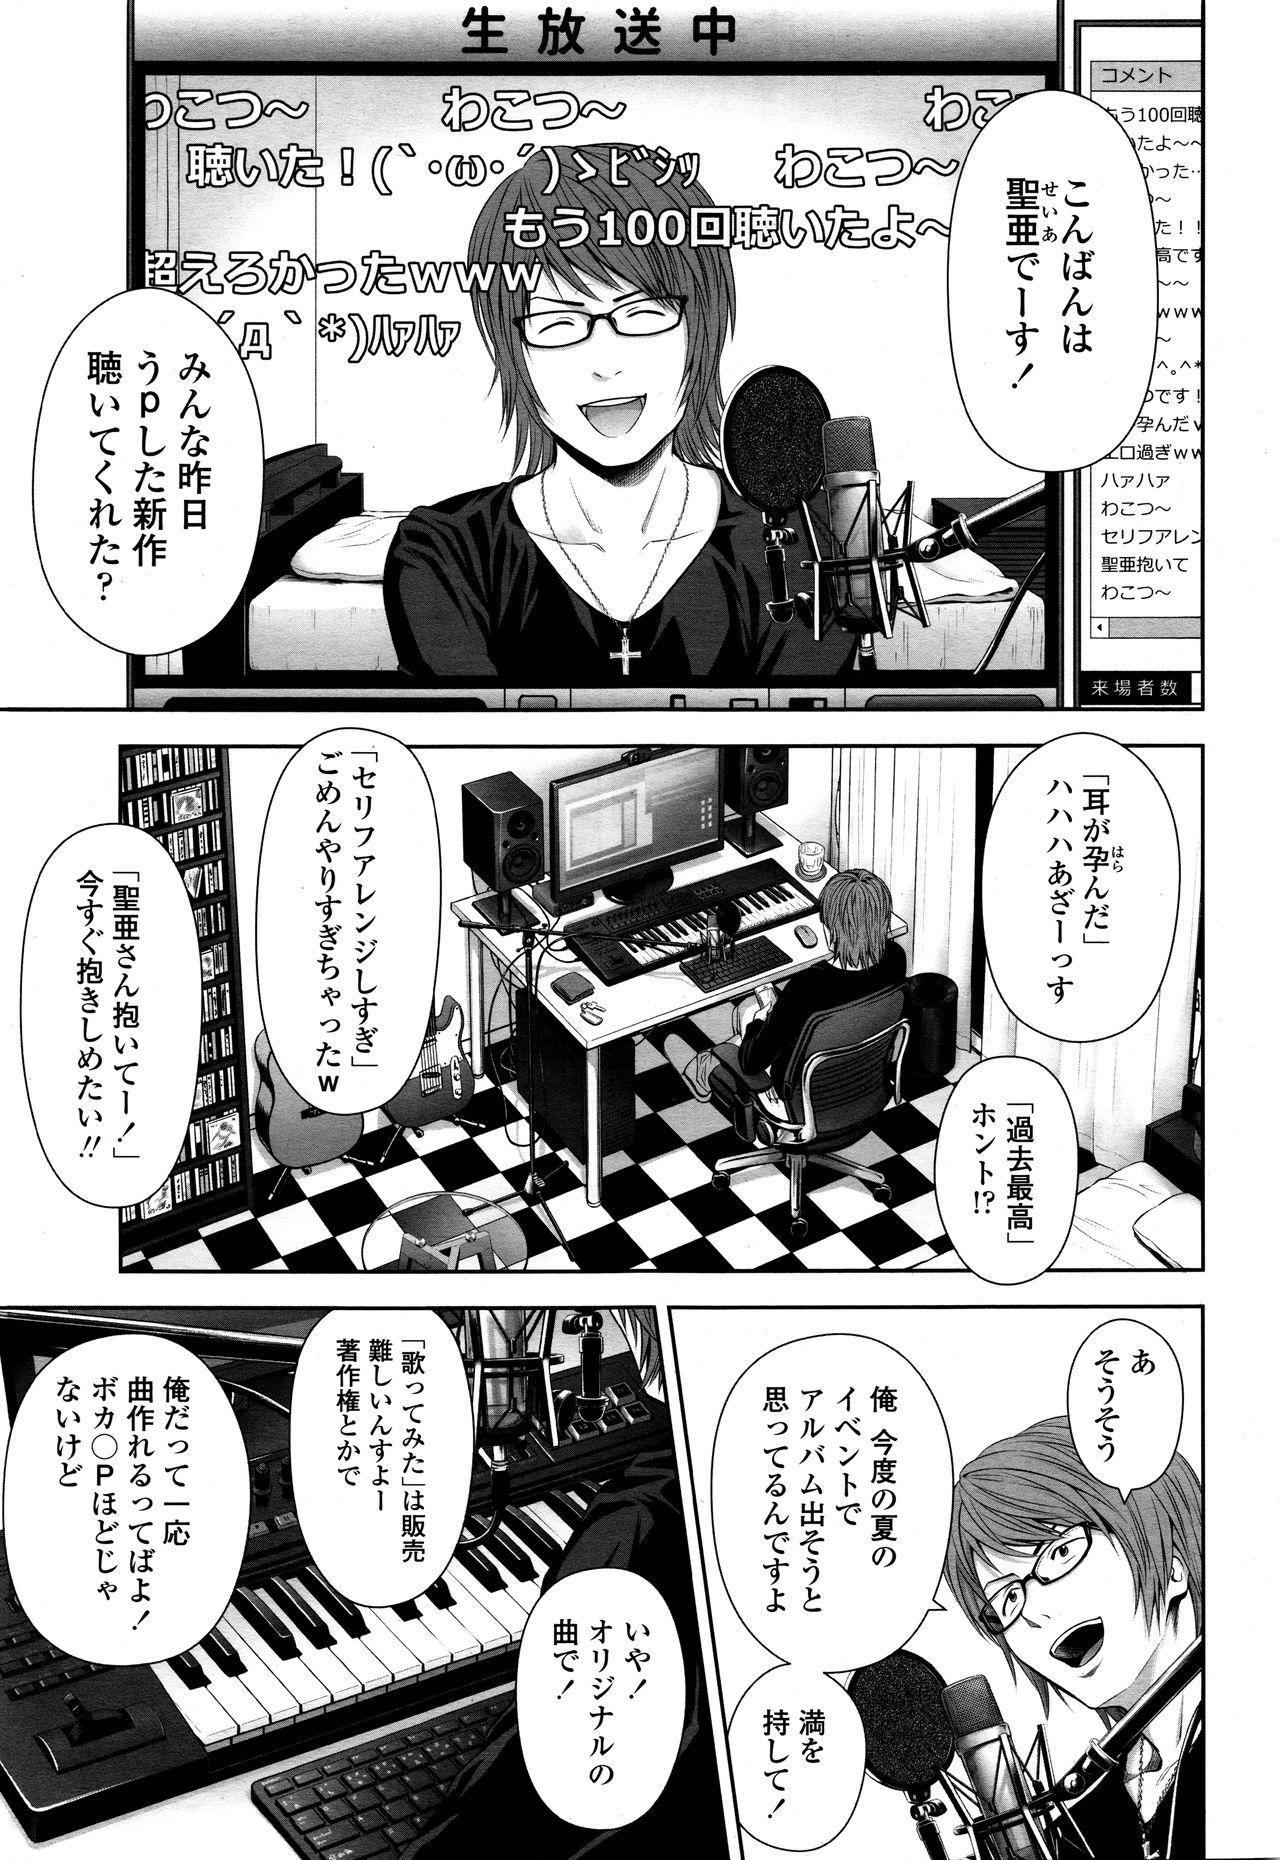 Utaite no Ballad Ch. 1-7 2